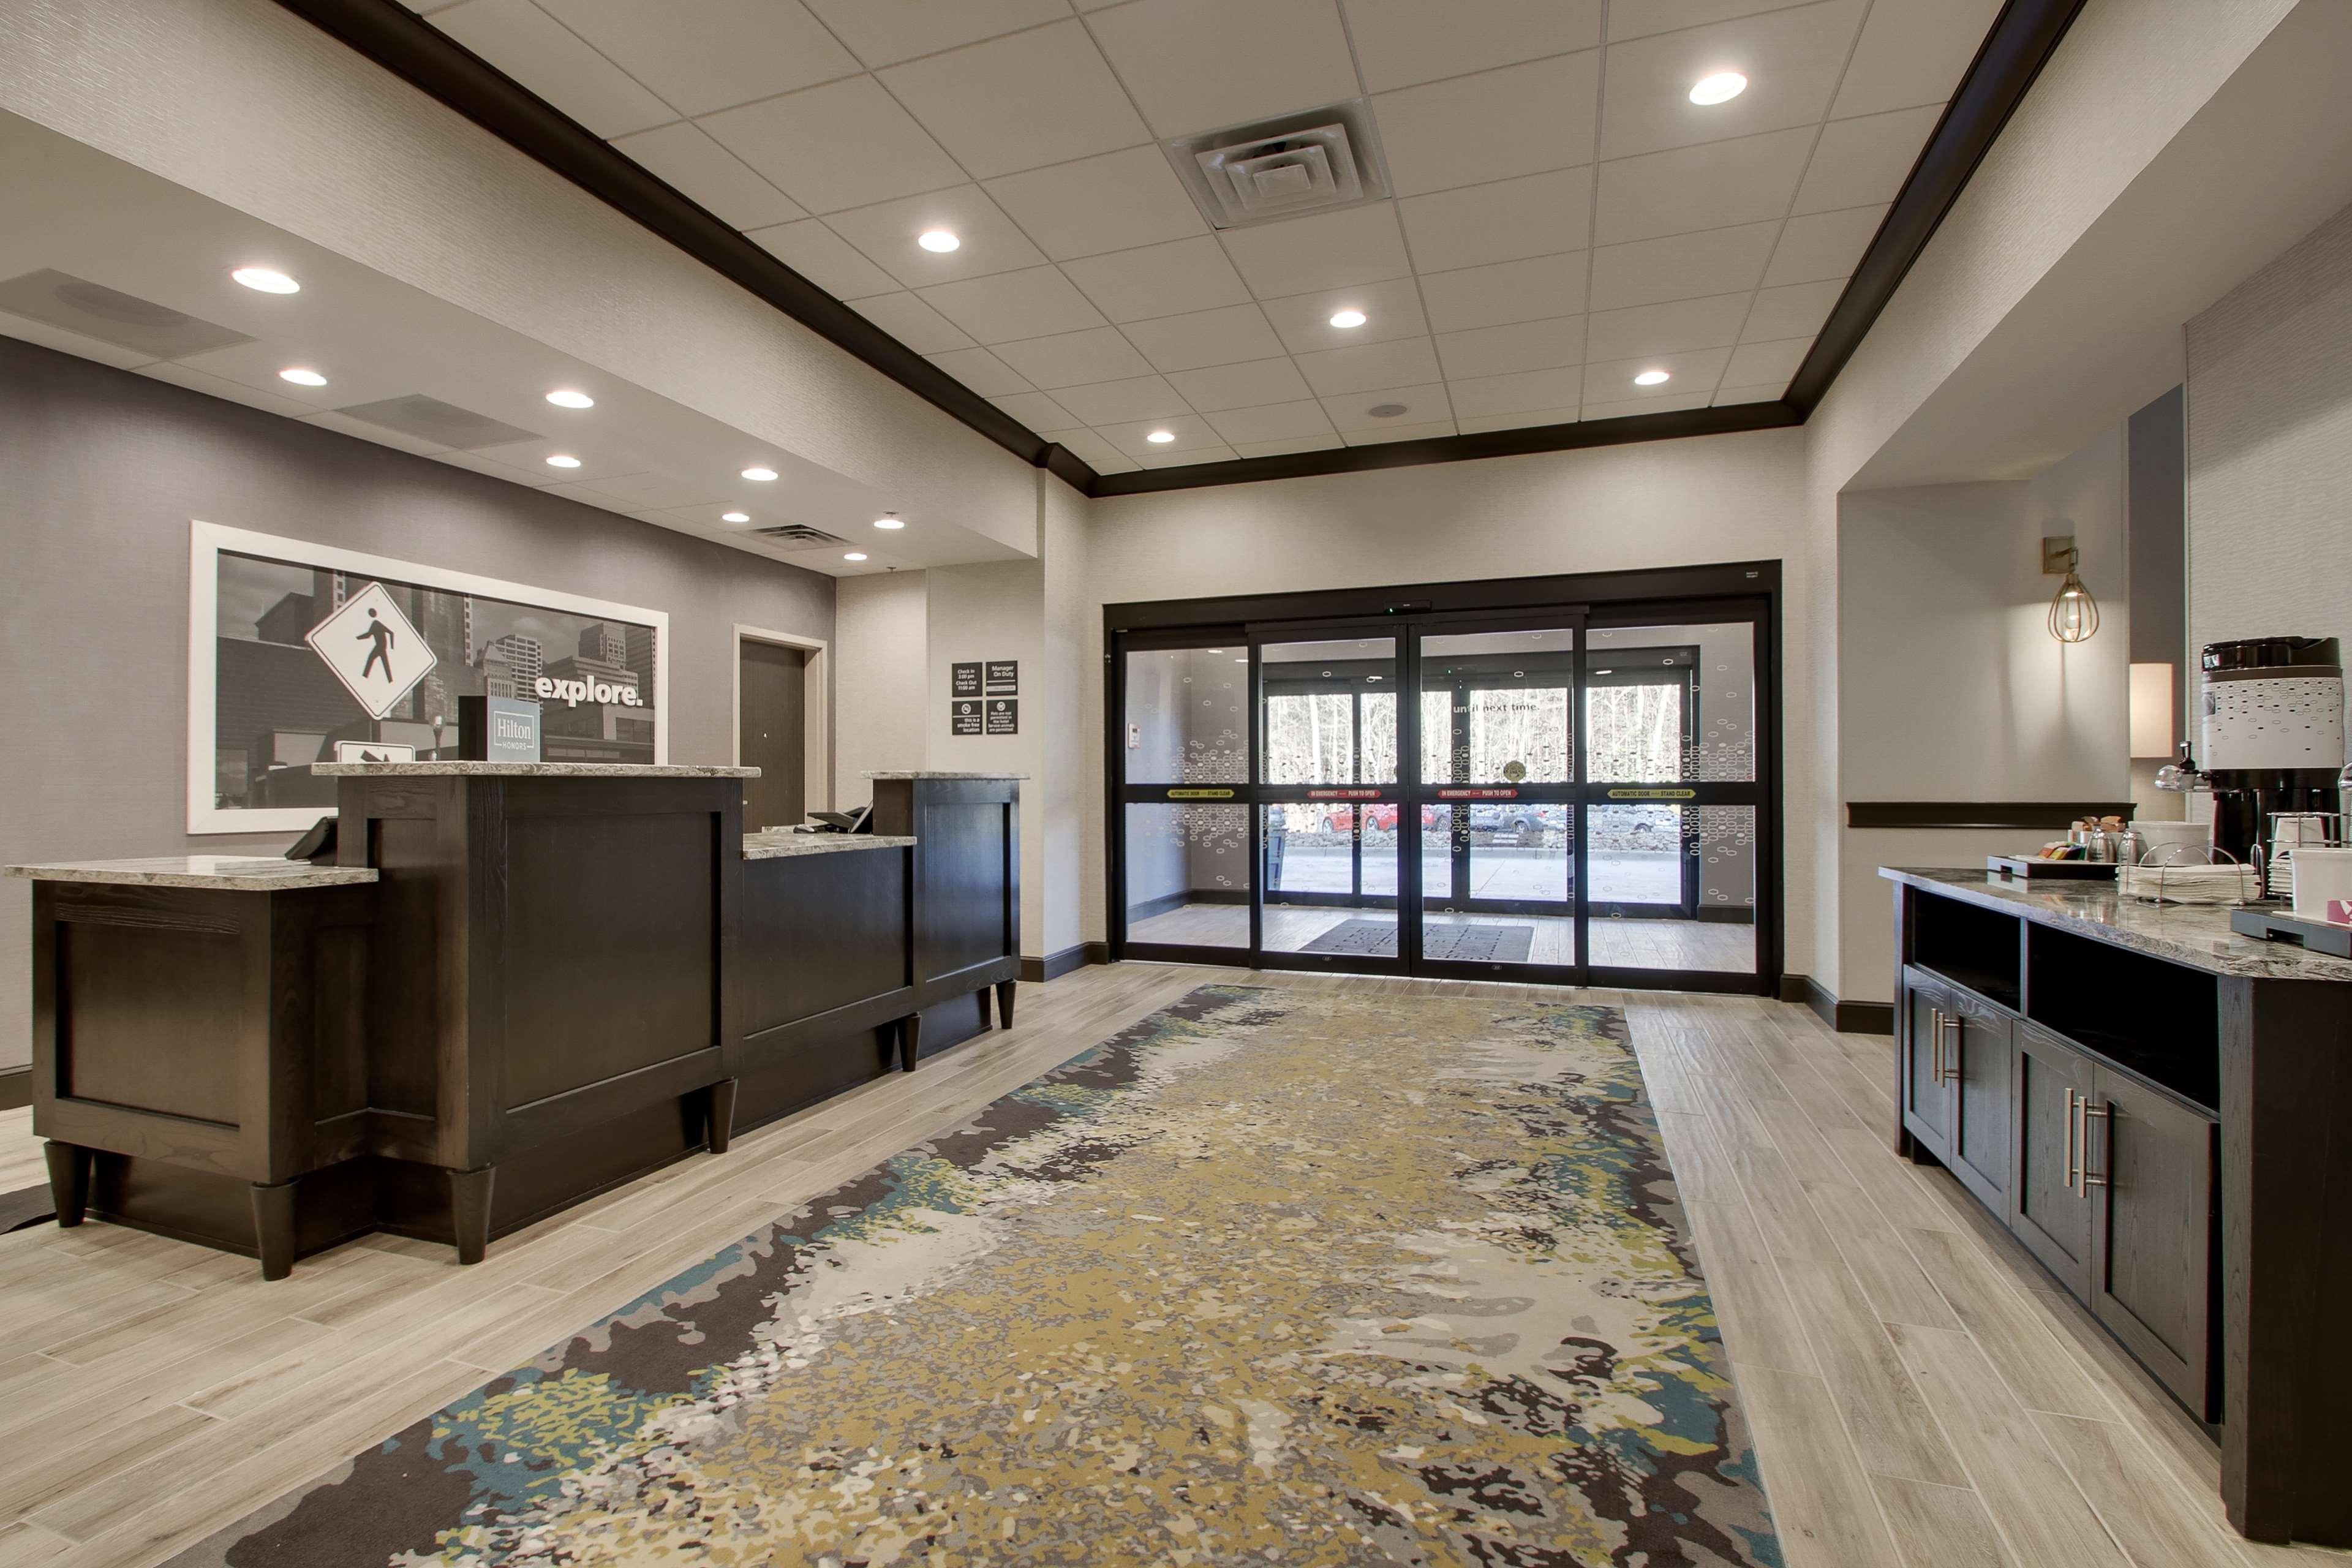 Hampton Inn & Suites Knightdale Raleigh image 4